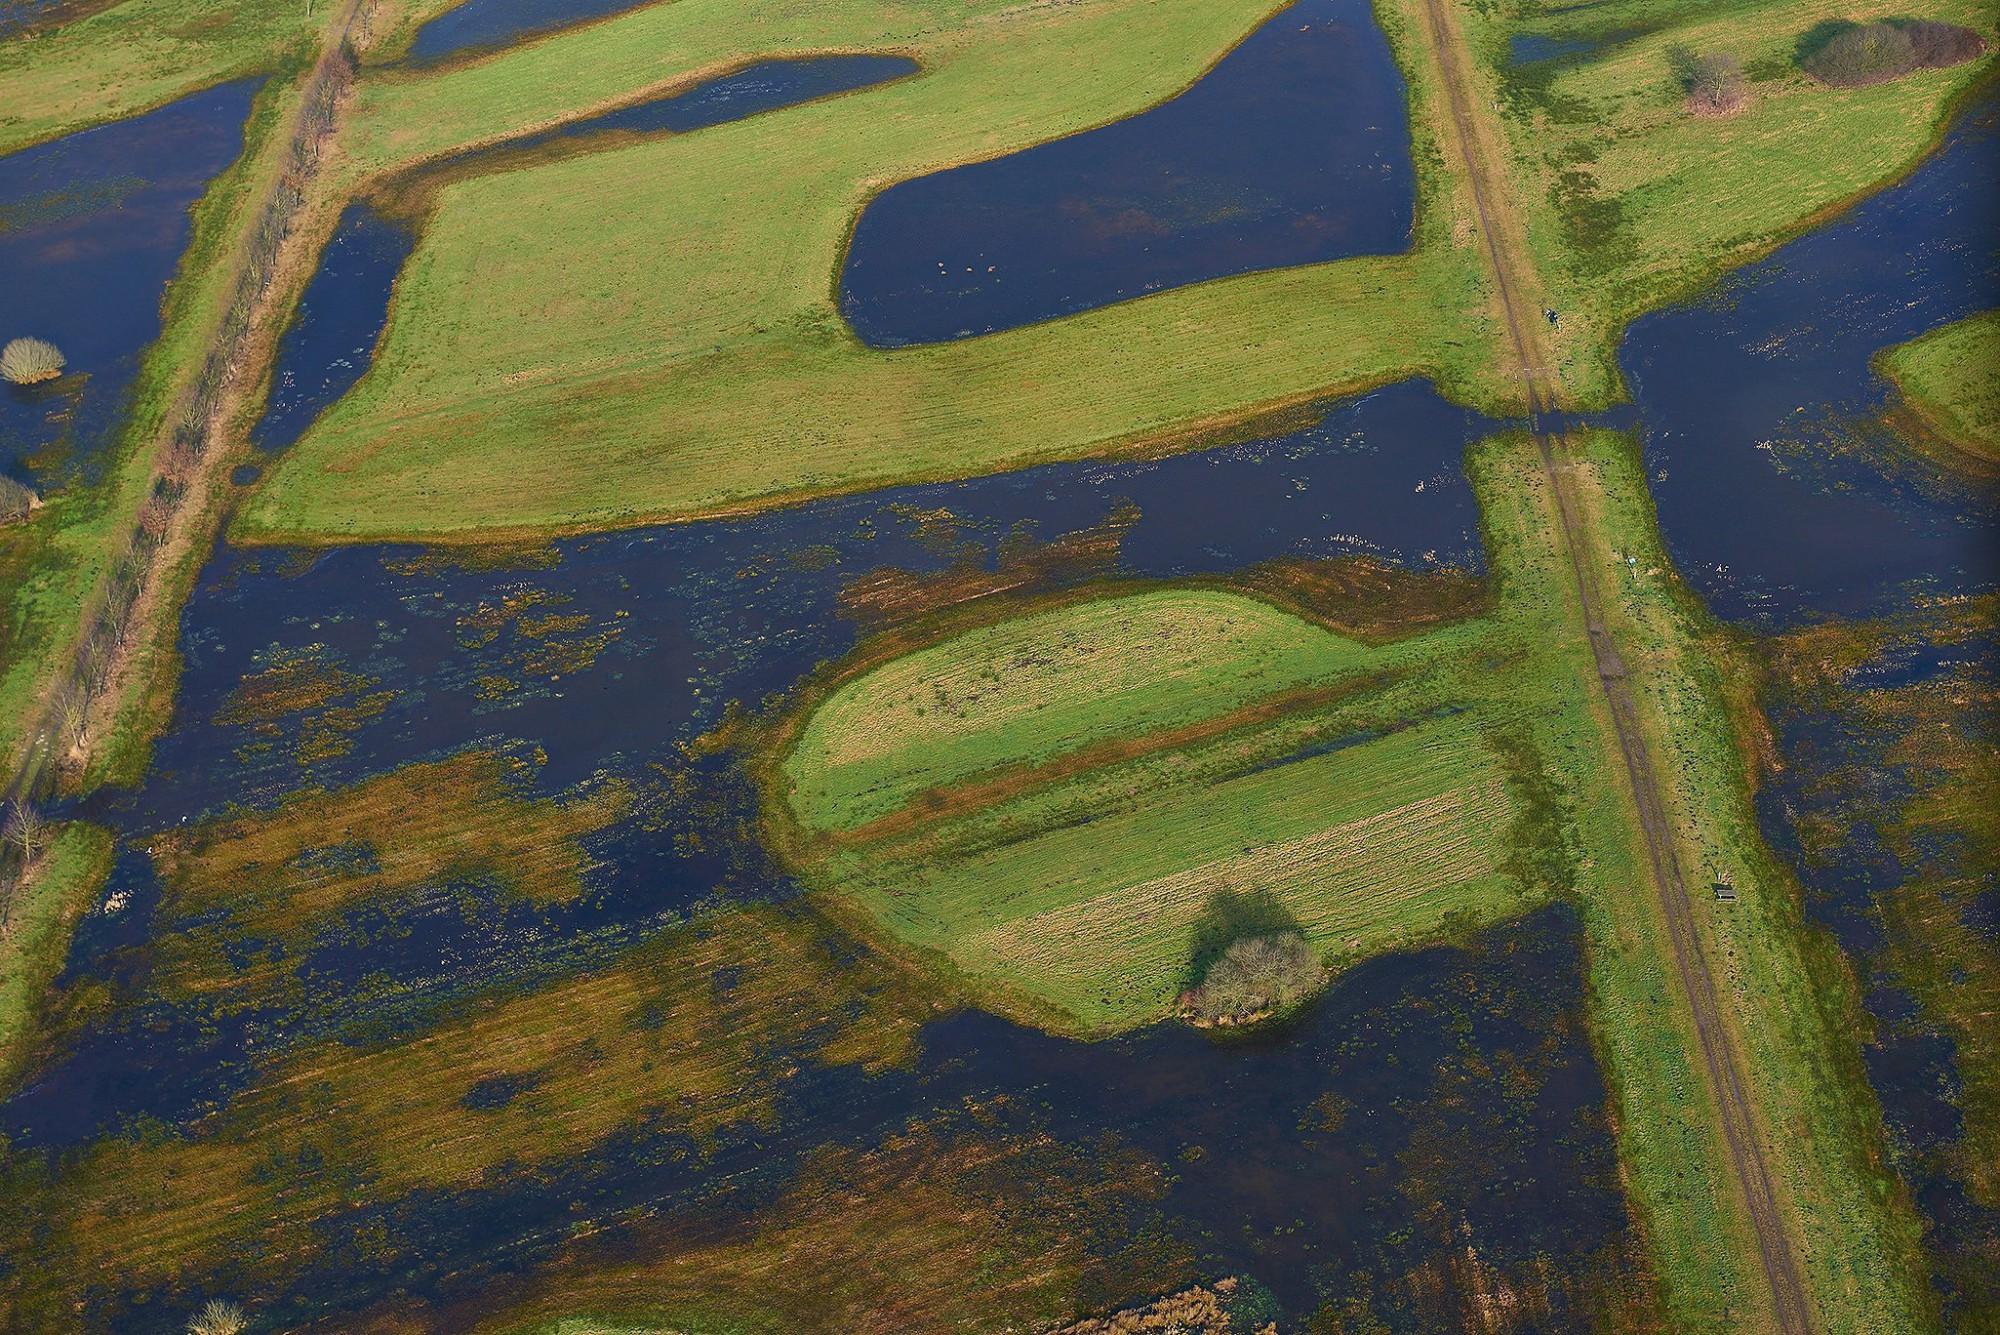 Afbeelding: Luchtfotografie met heli over gans de Benelux, natuurgebied in de buurt van Twente NL.